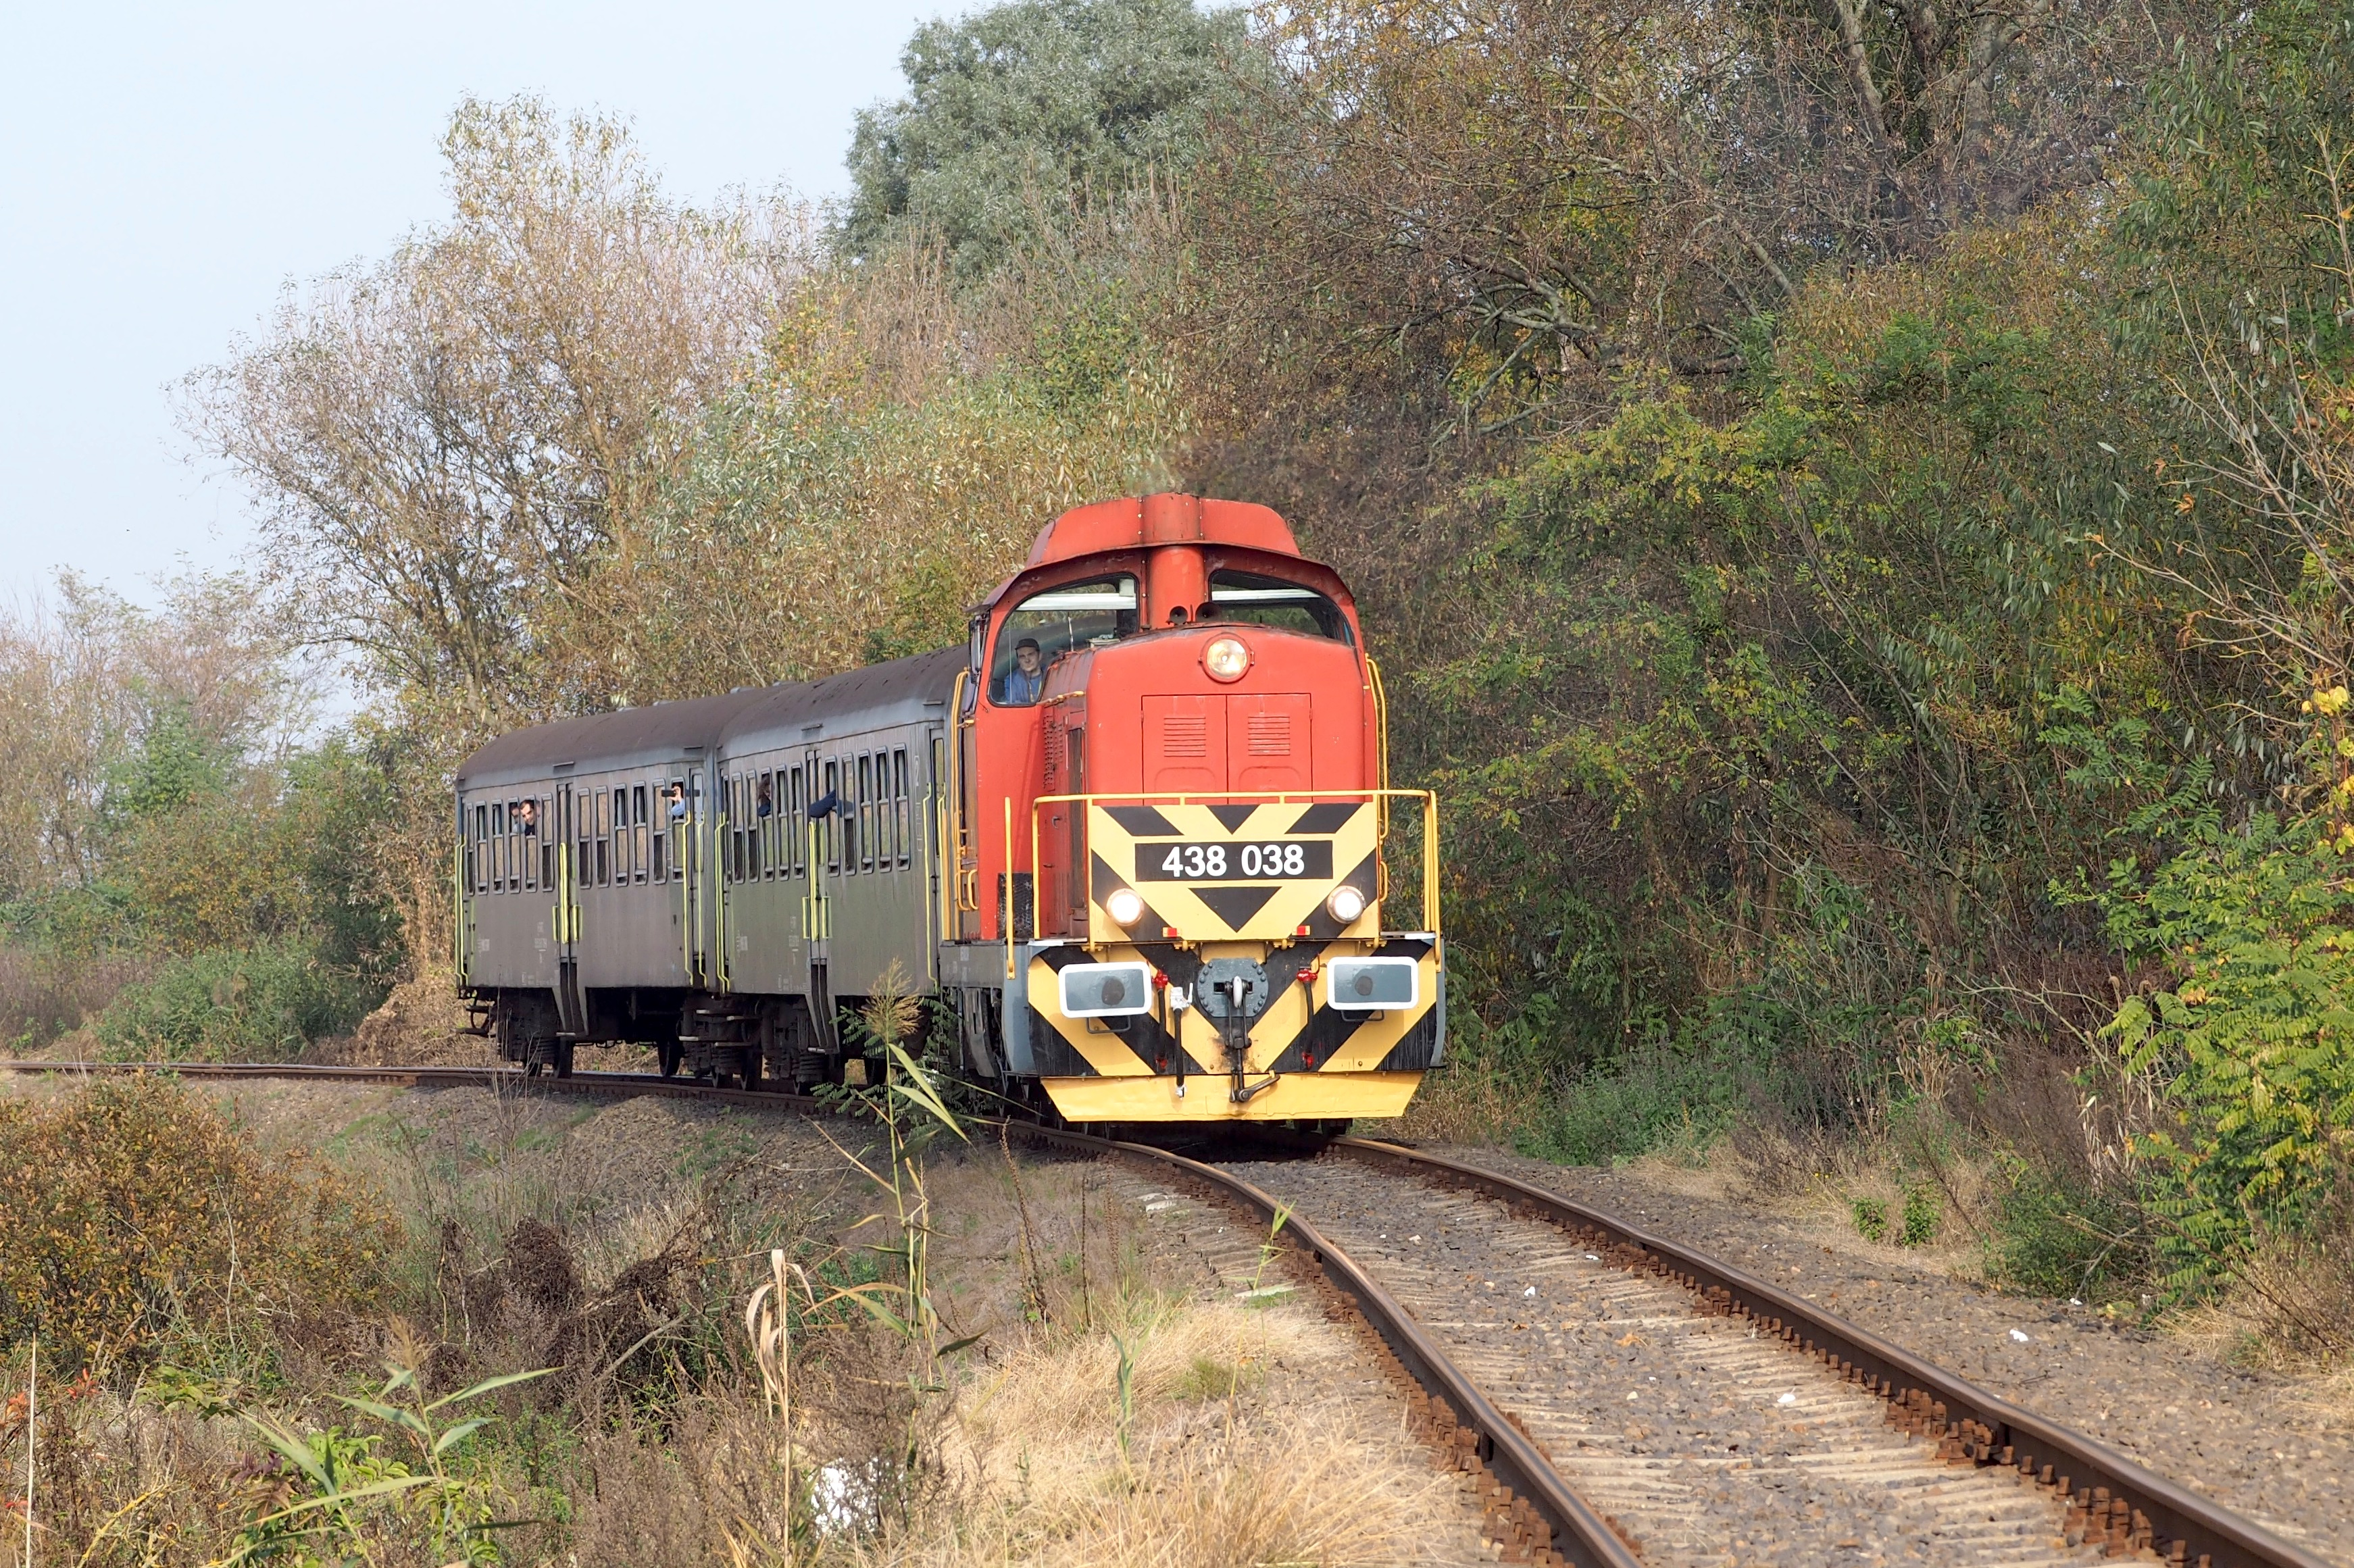 File:Különvonat a 88-as számú vasútvonalon a 438 038 pályaszámú  mozdonnyal.jpg